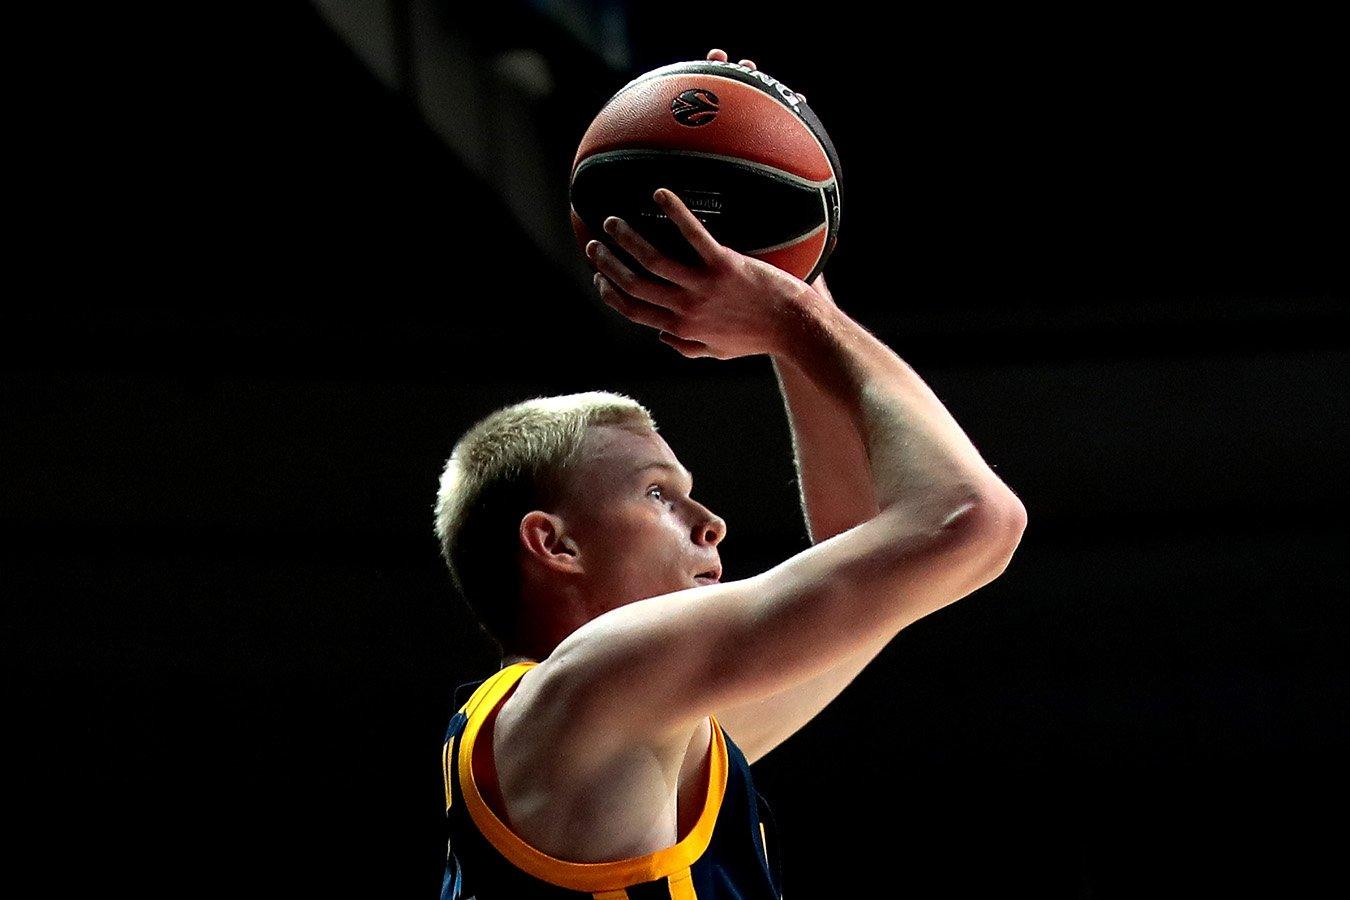 Владислав Одиноков примет участие в драфте НБА